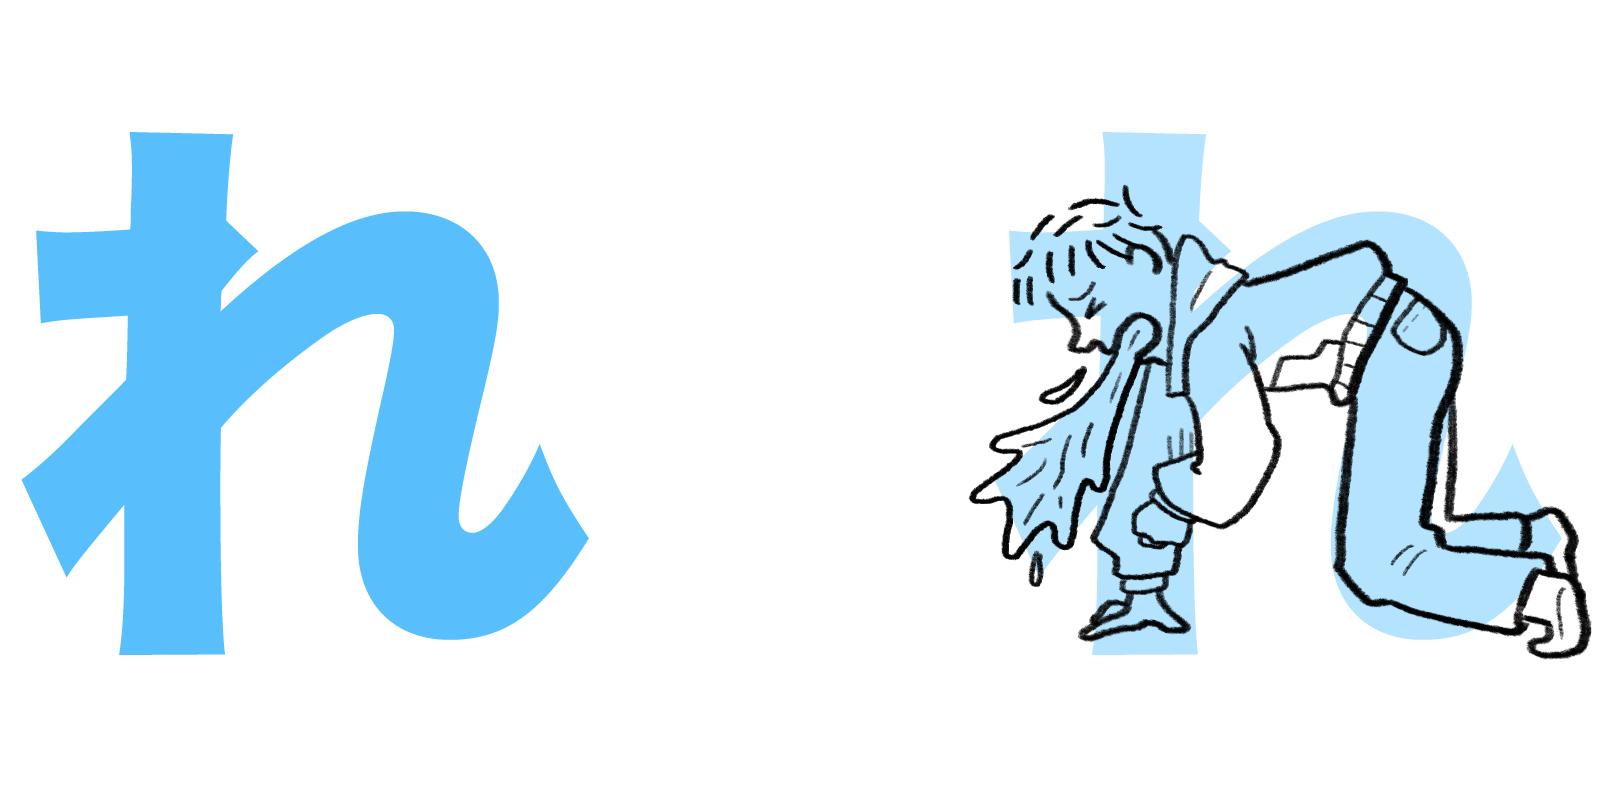 れ hiragana mnemonic